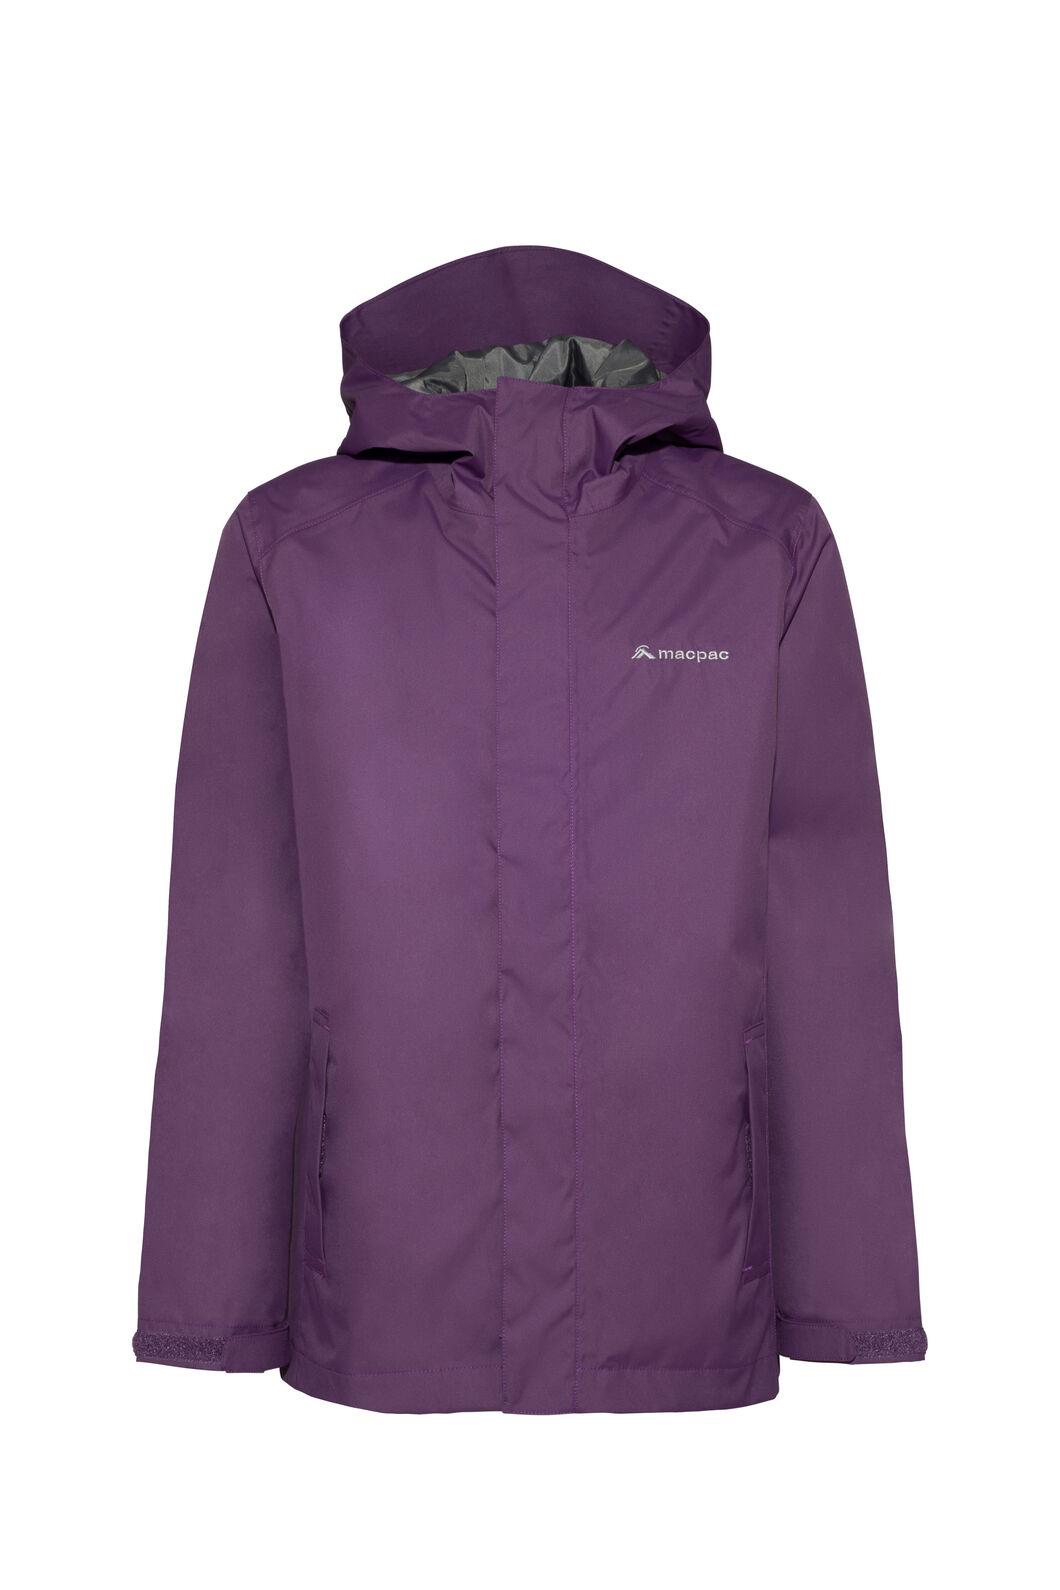 Macpac Jetstream Rain Jacket - Kids', Wineberry, hi-res